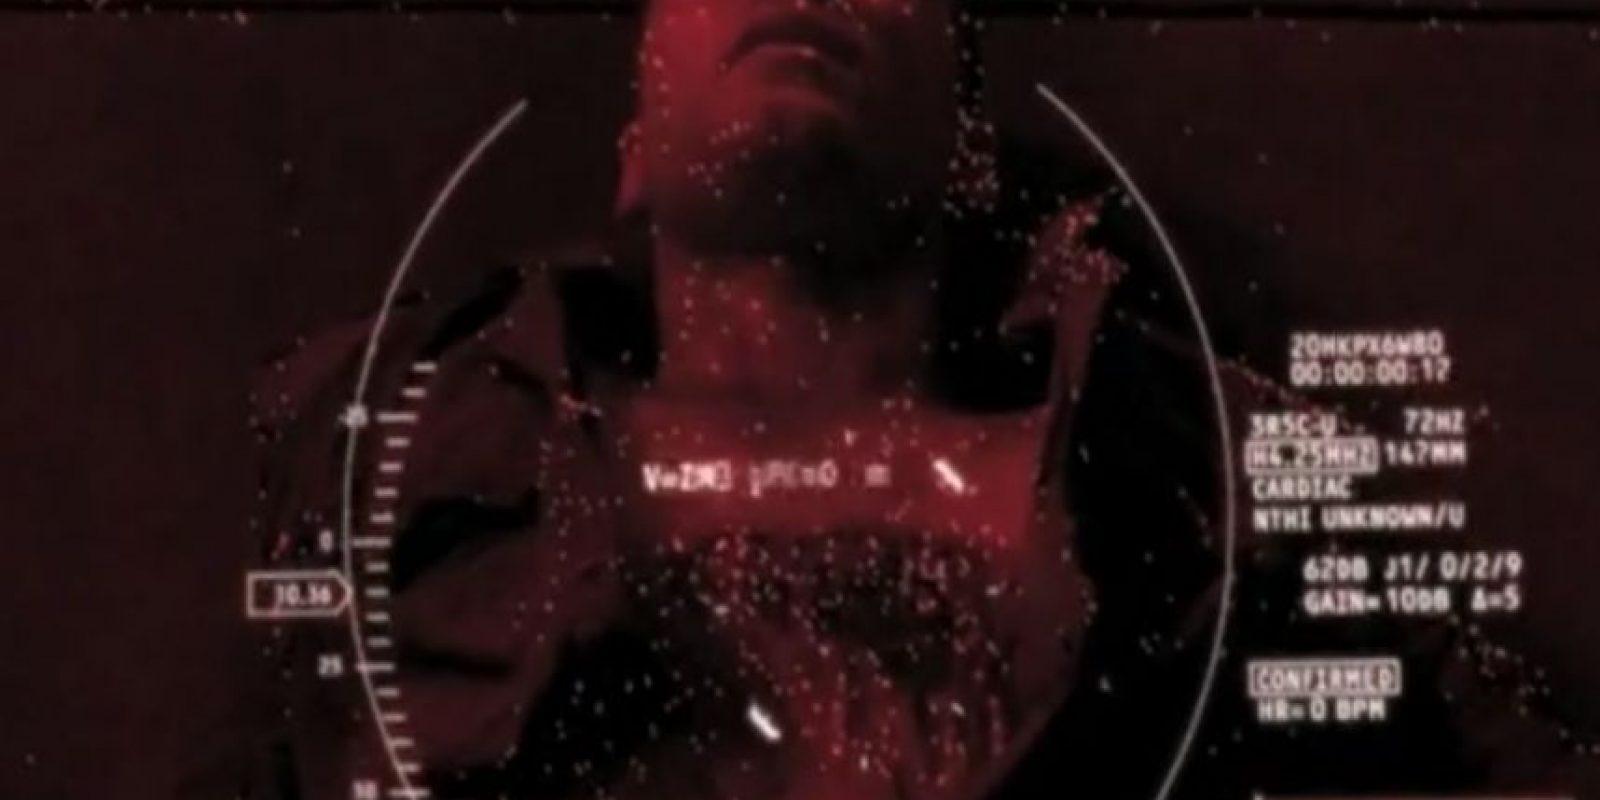 """Esto es lo que se logró con Trapcode en la película """"Terminator Salvation"""". Foto:Trapcode"""